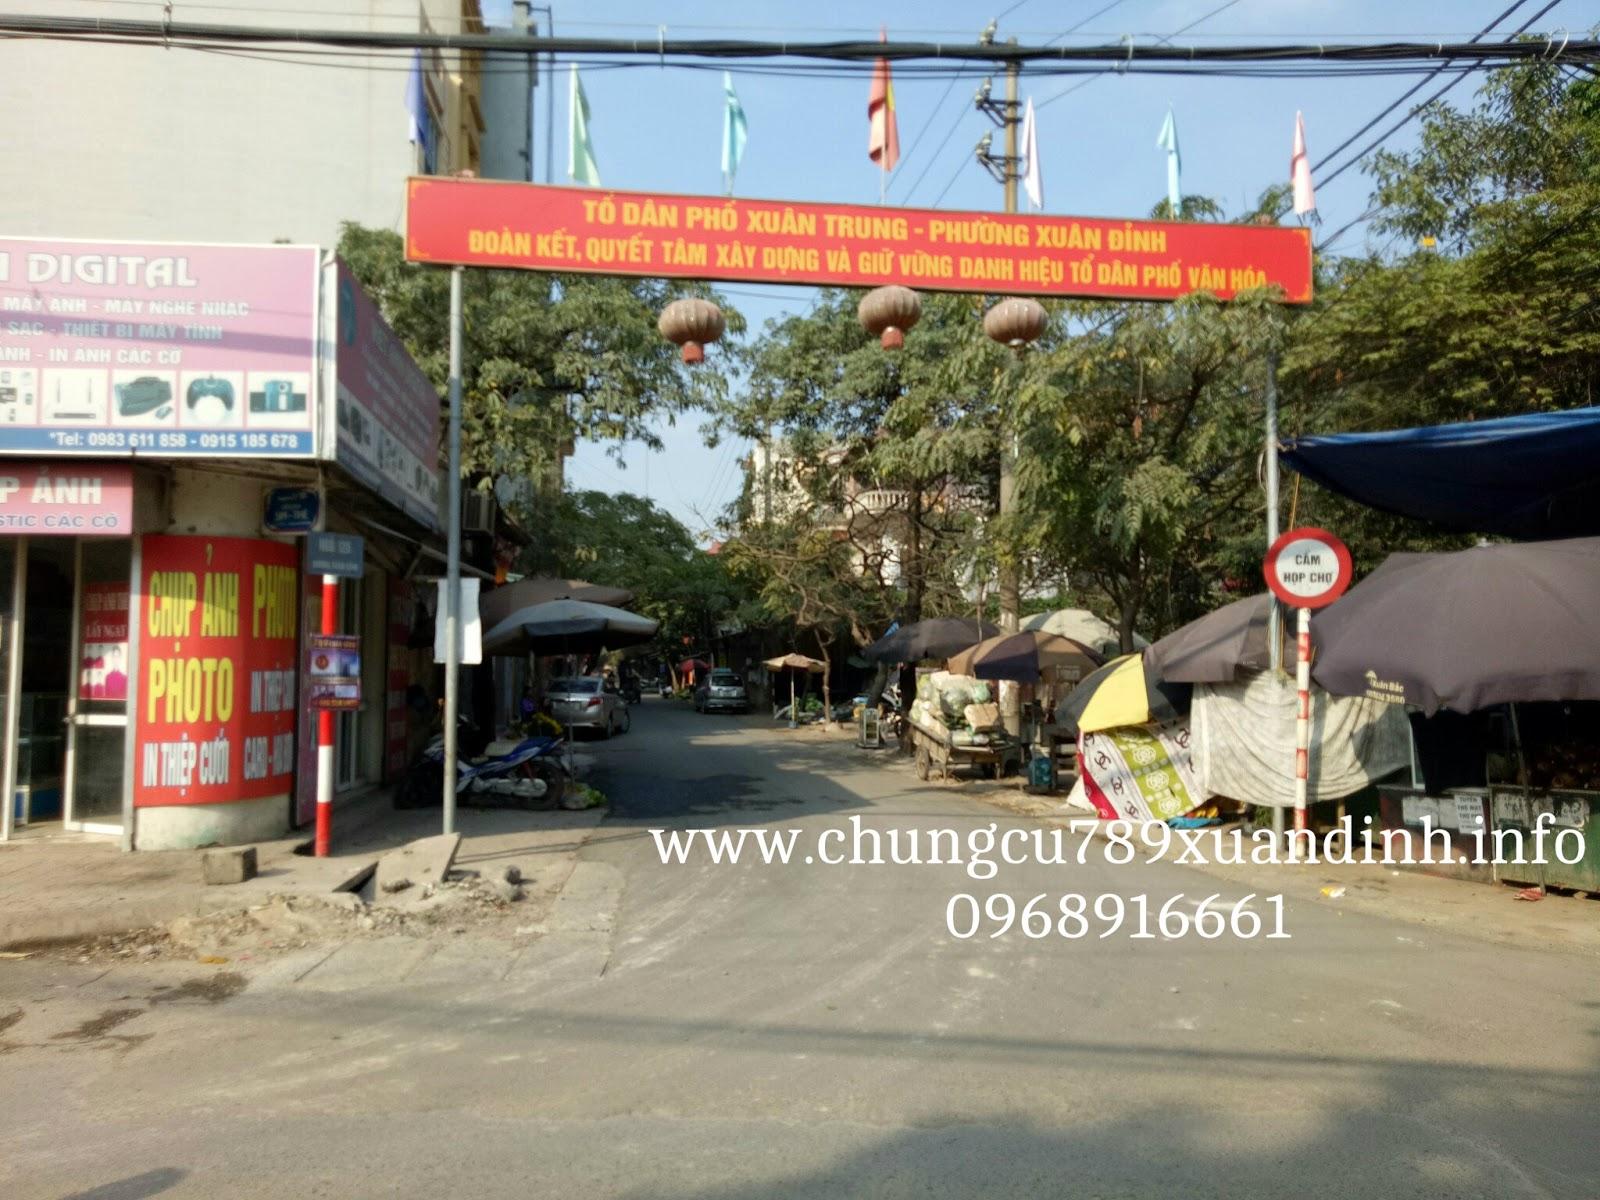 Tổ dân phố Xuân Trung sẽ là tuyến Nguyễn văn huyên kéo dài mở rộng trong thời gian tới